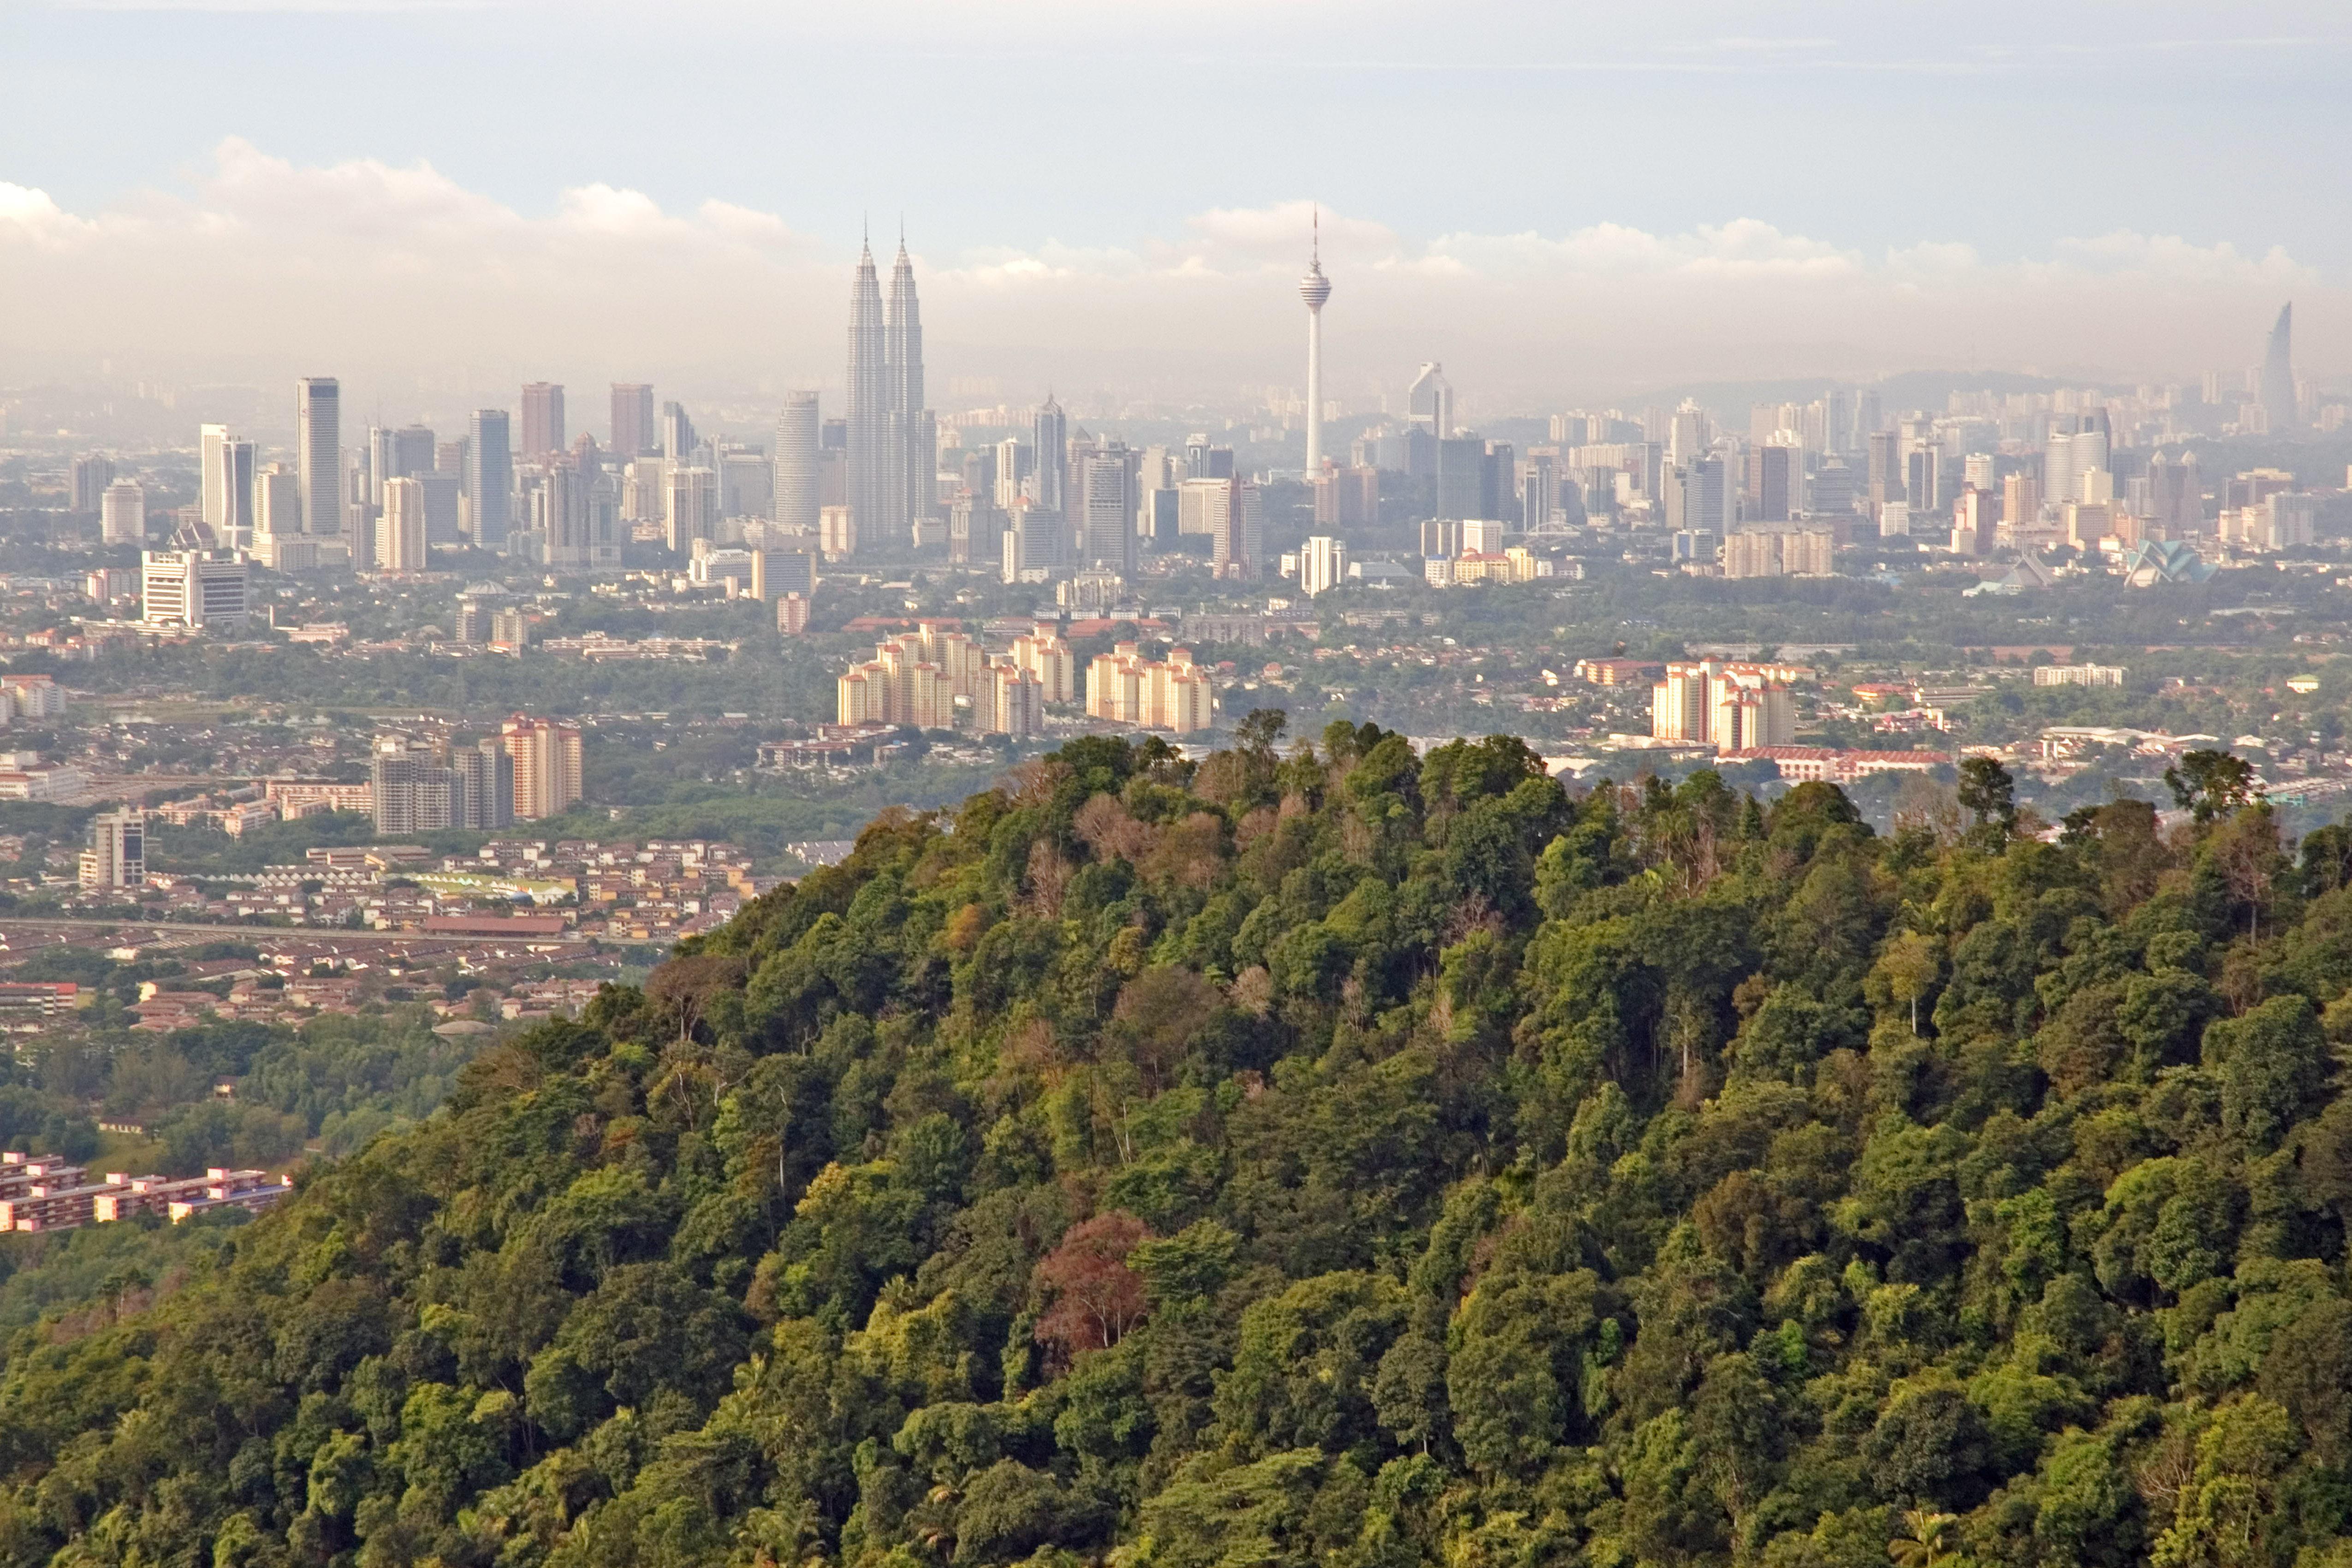 Natural vs Concrete Jungle a view of Kuala Lumpur from Bukit Tabur quartz ridge